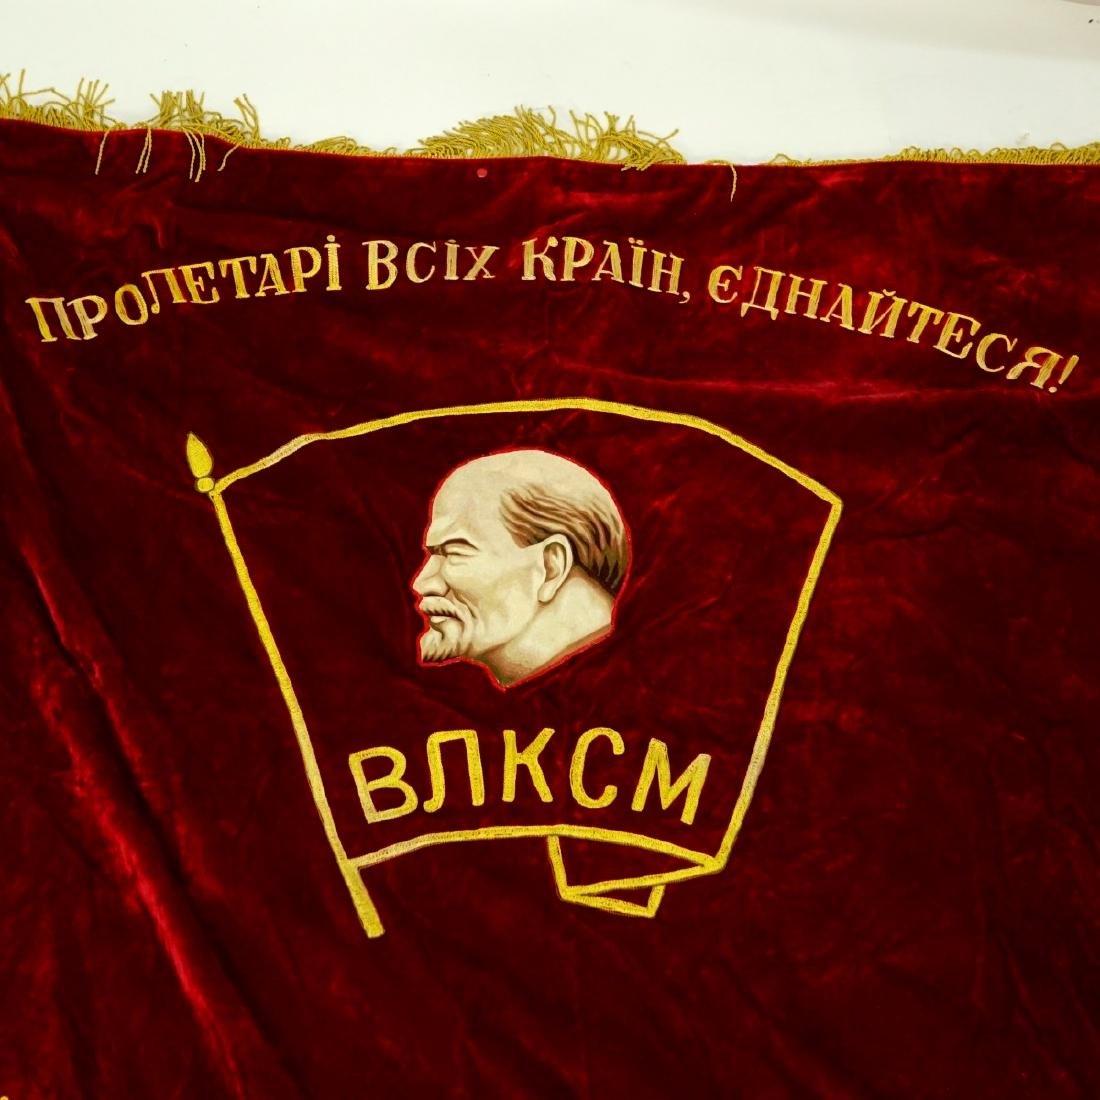 20th Century Russian Soviet Era Lenin-vlksm - 4